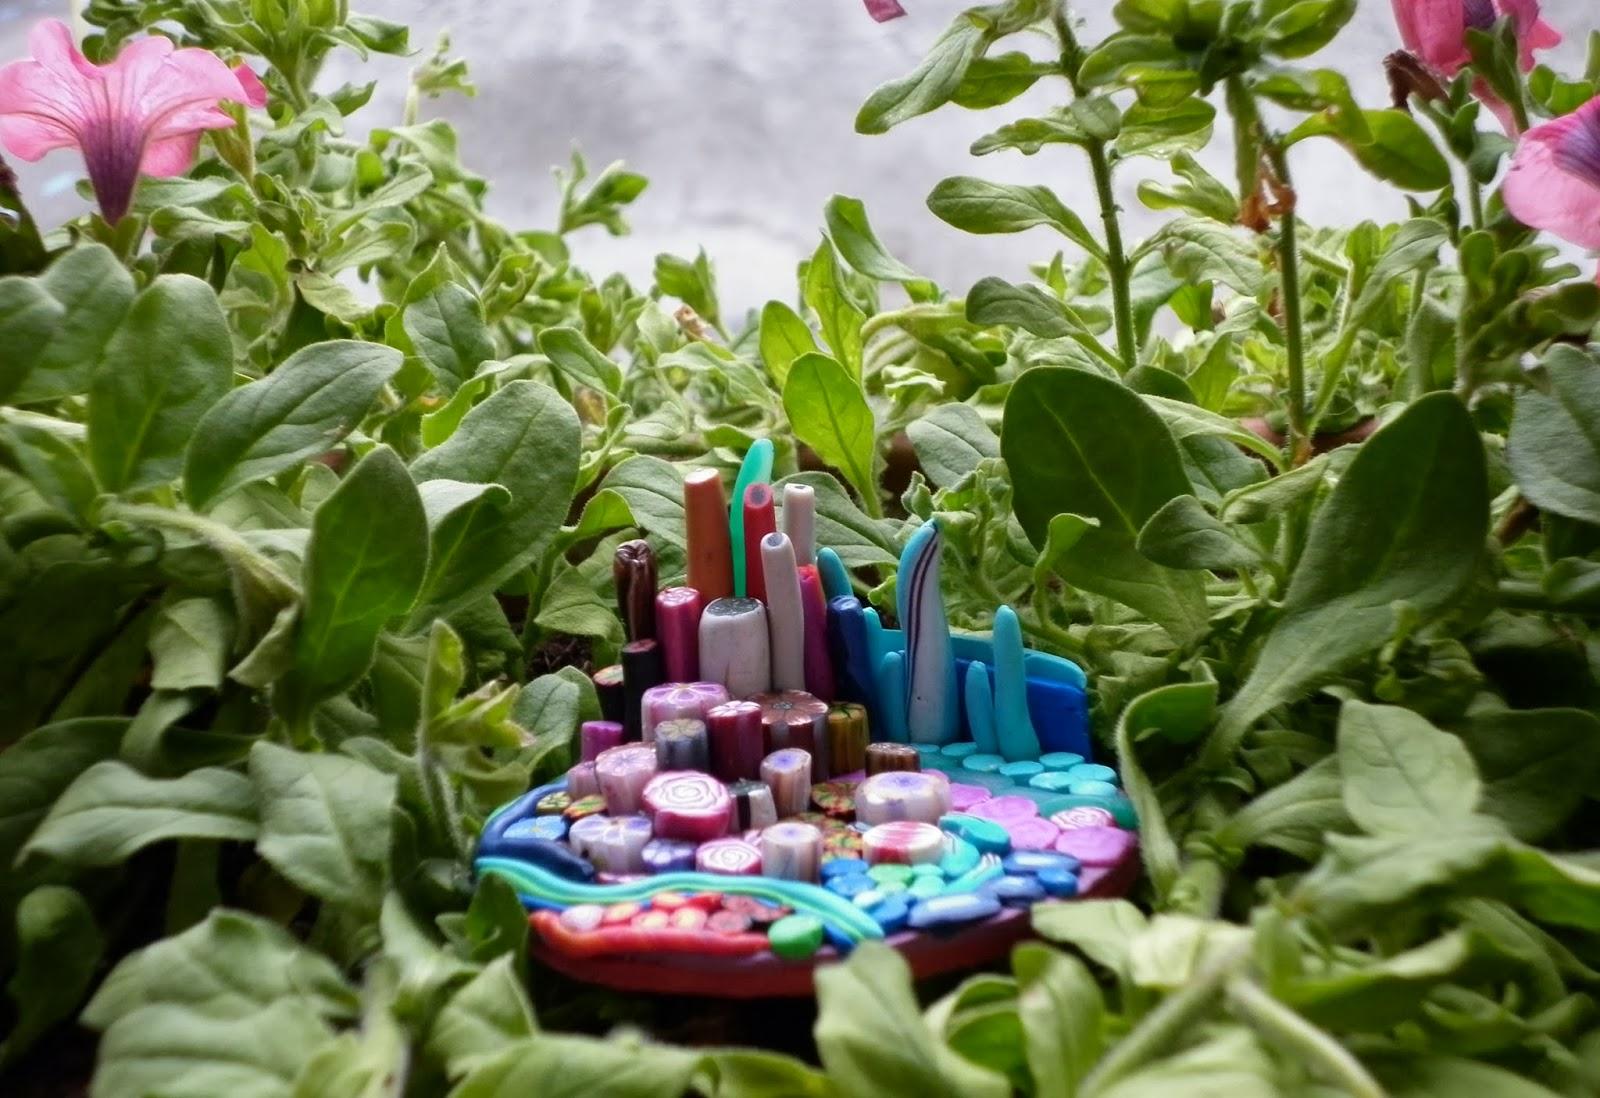 Exquilandoria mon jardin extraordinaire for Jardin extraordinaire